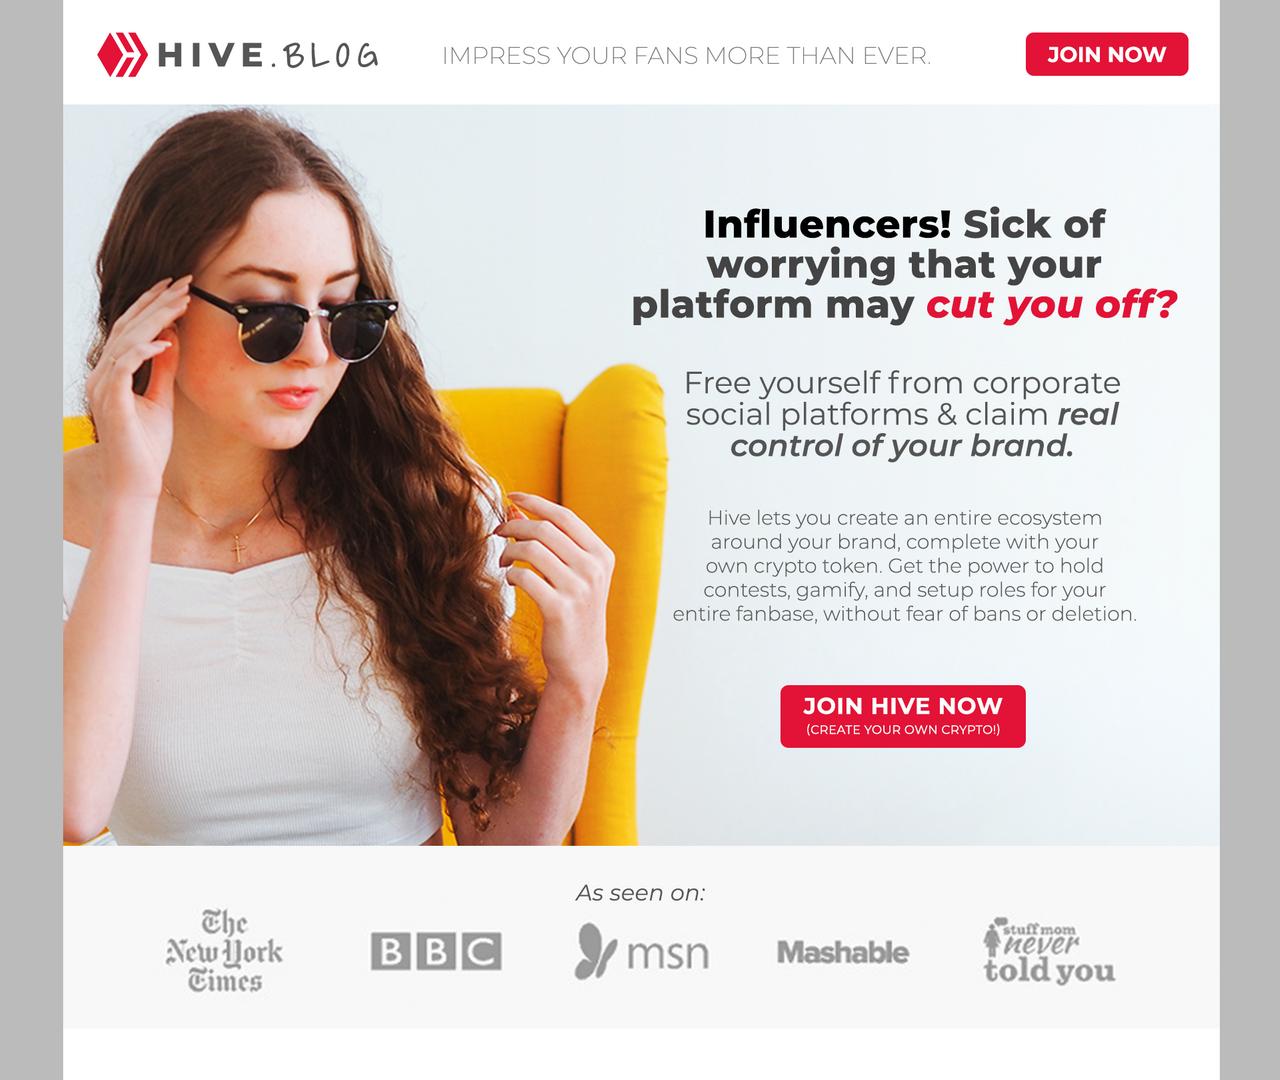 00150 - C - Influencers_Sick_Of_Cutoff.png